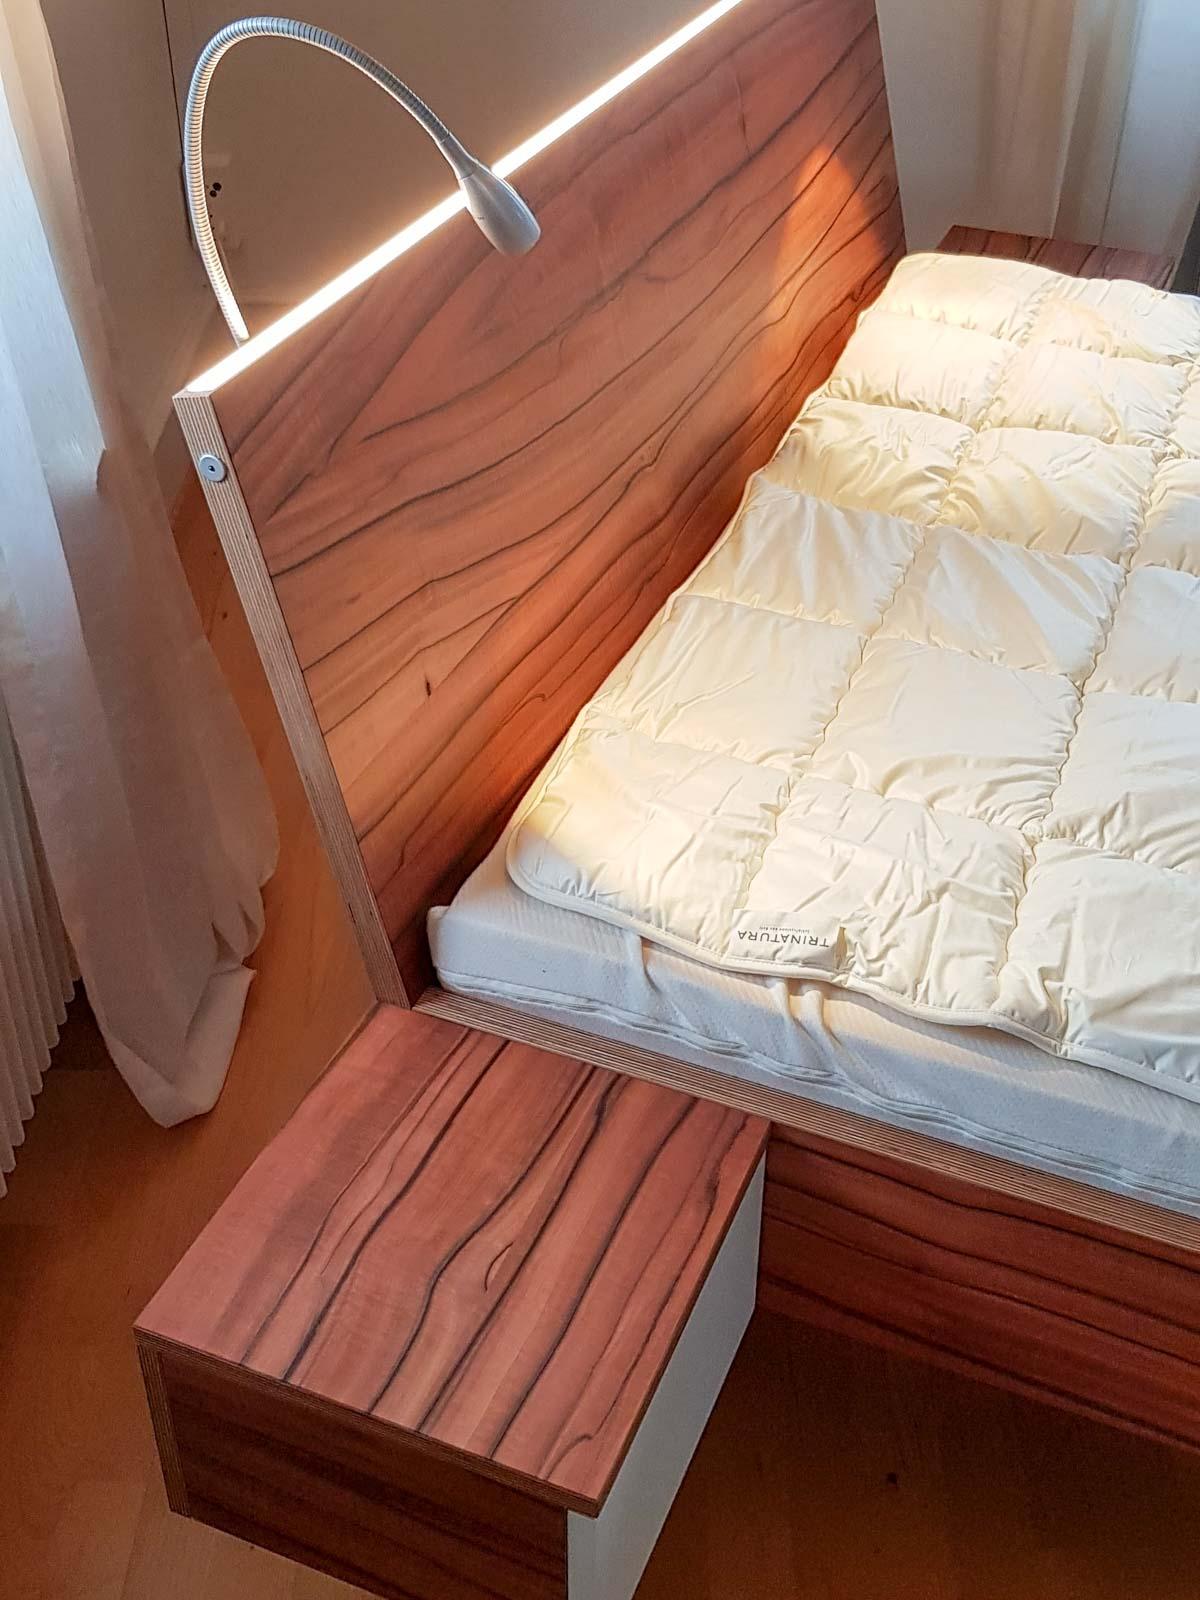 Wooddesign_Bett_Trinatura_Kopfteil_Leseleuchten_Schublade_Sperrholz_Holz (2)